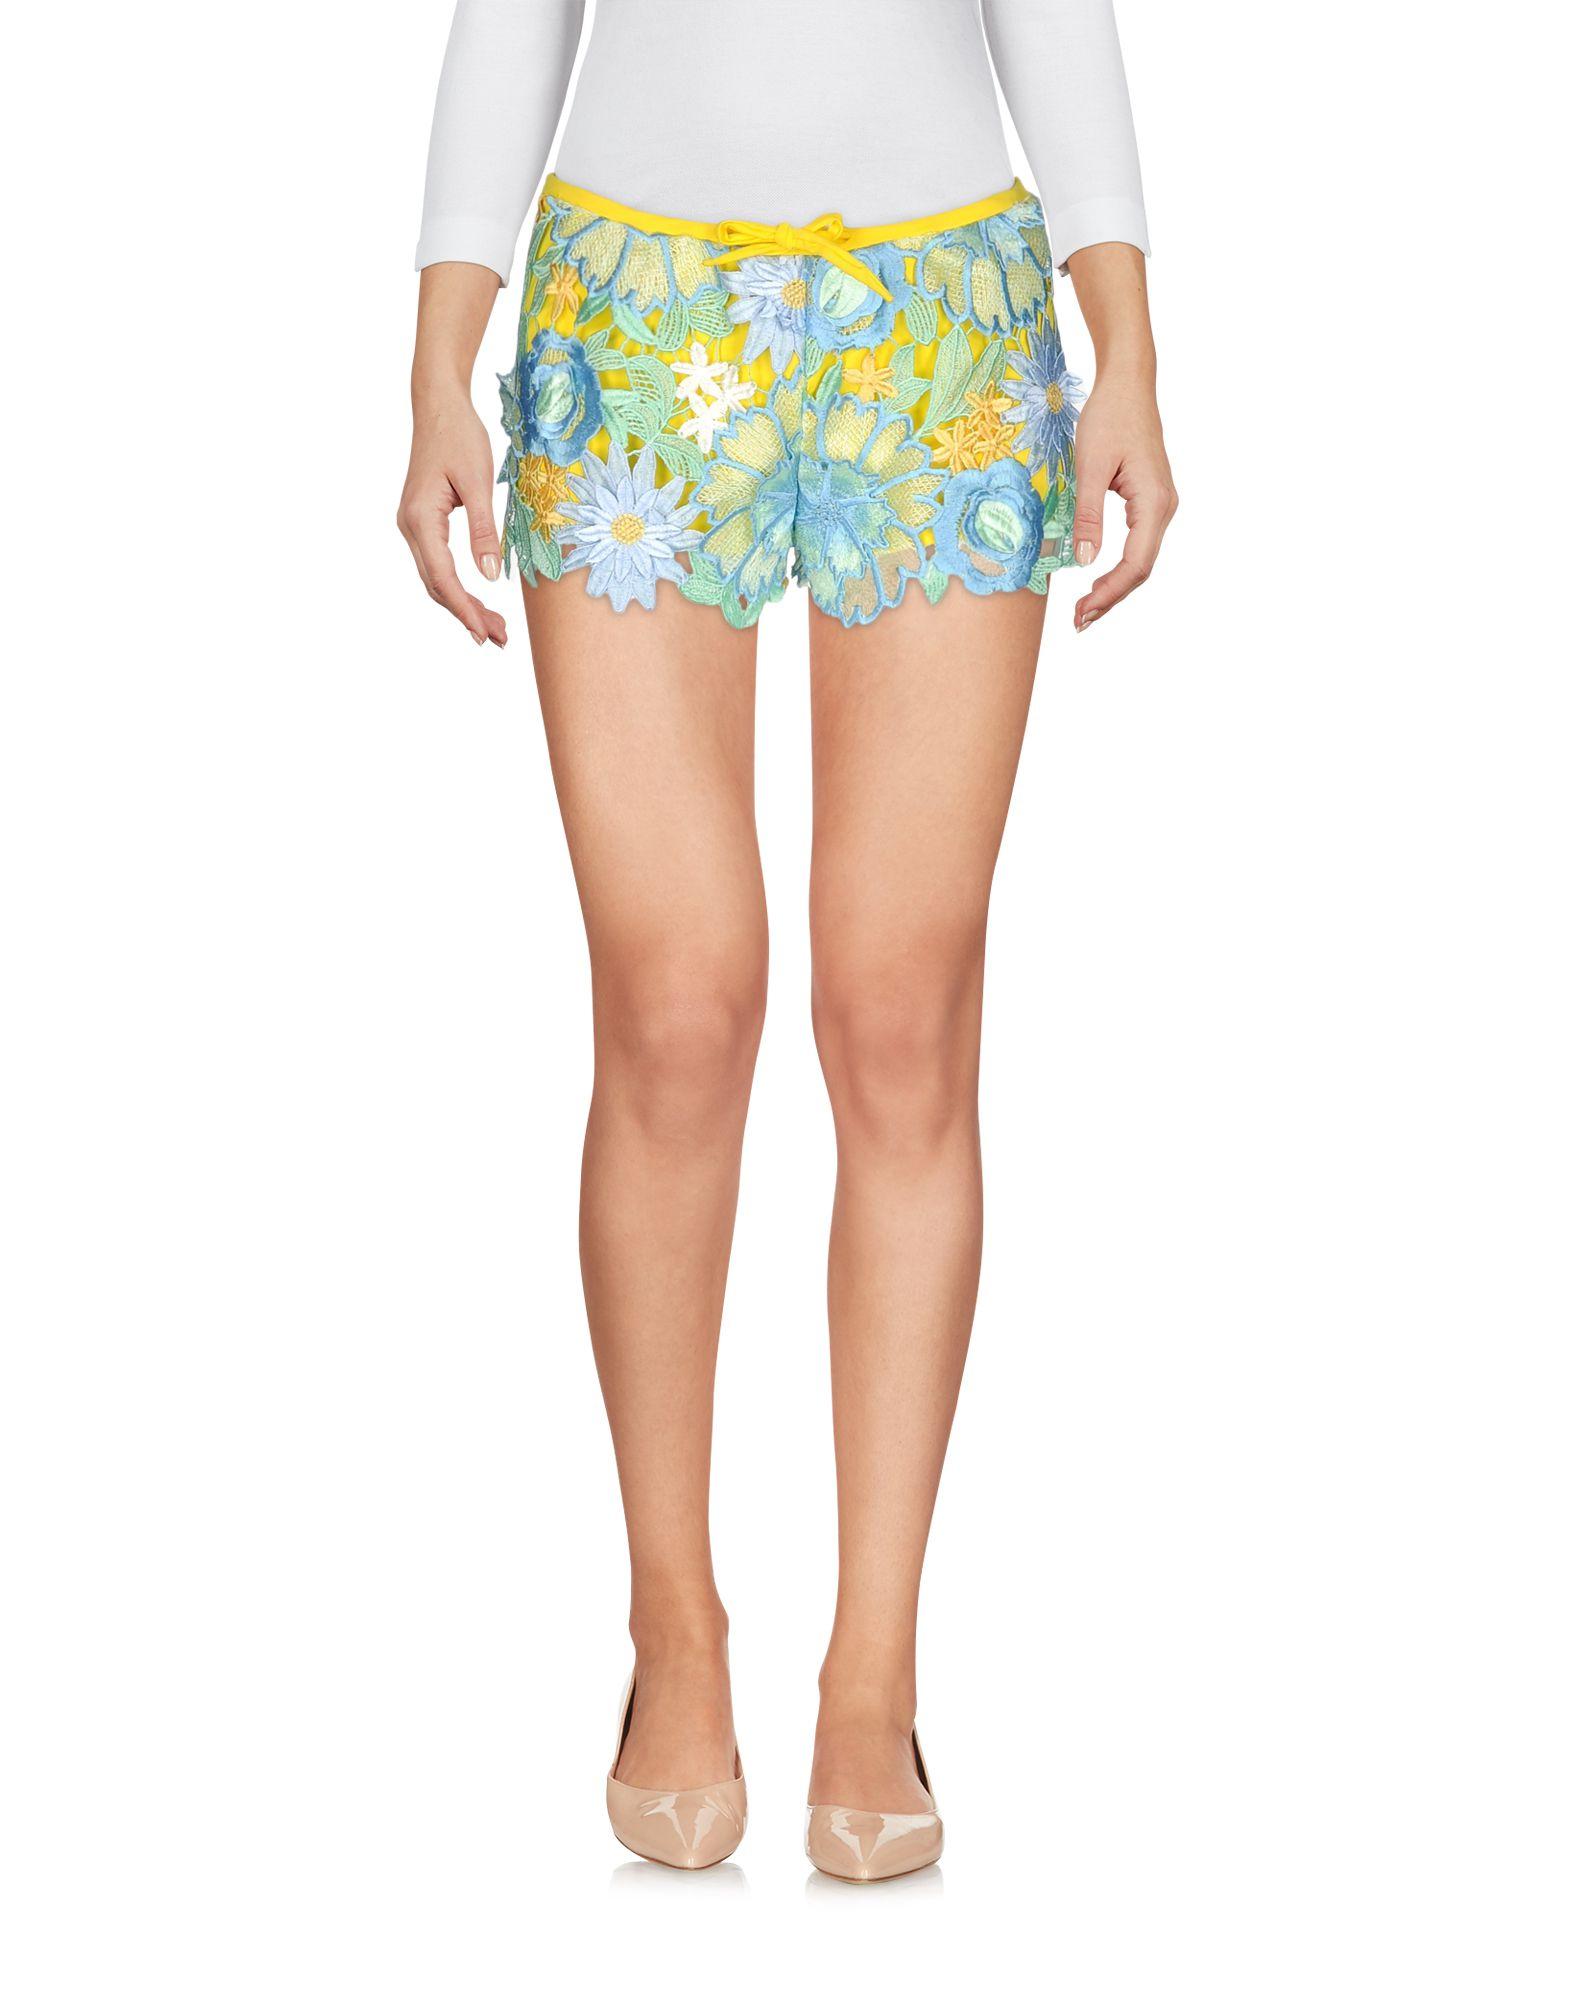 AGOGOA Shorts